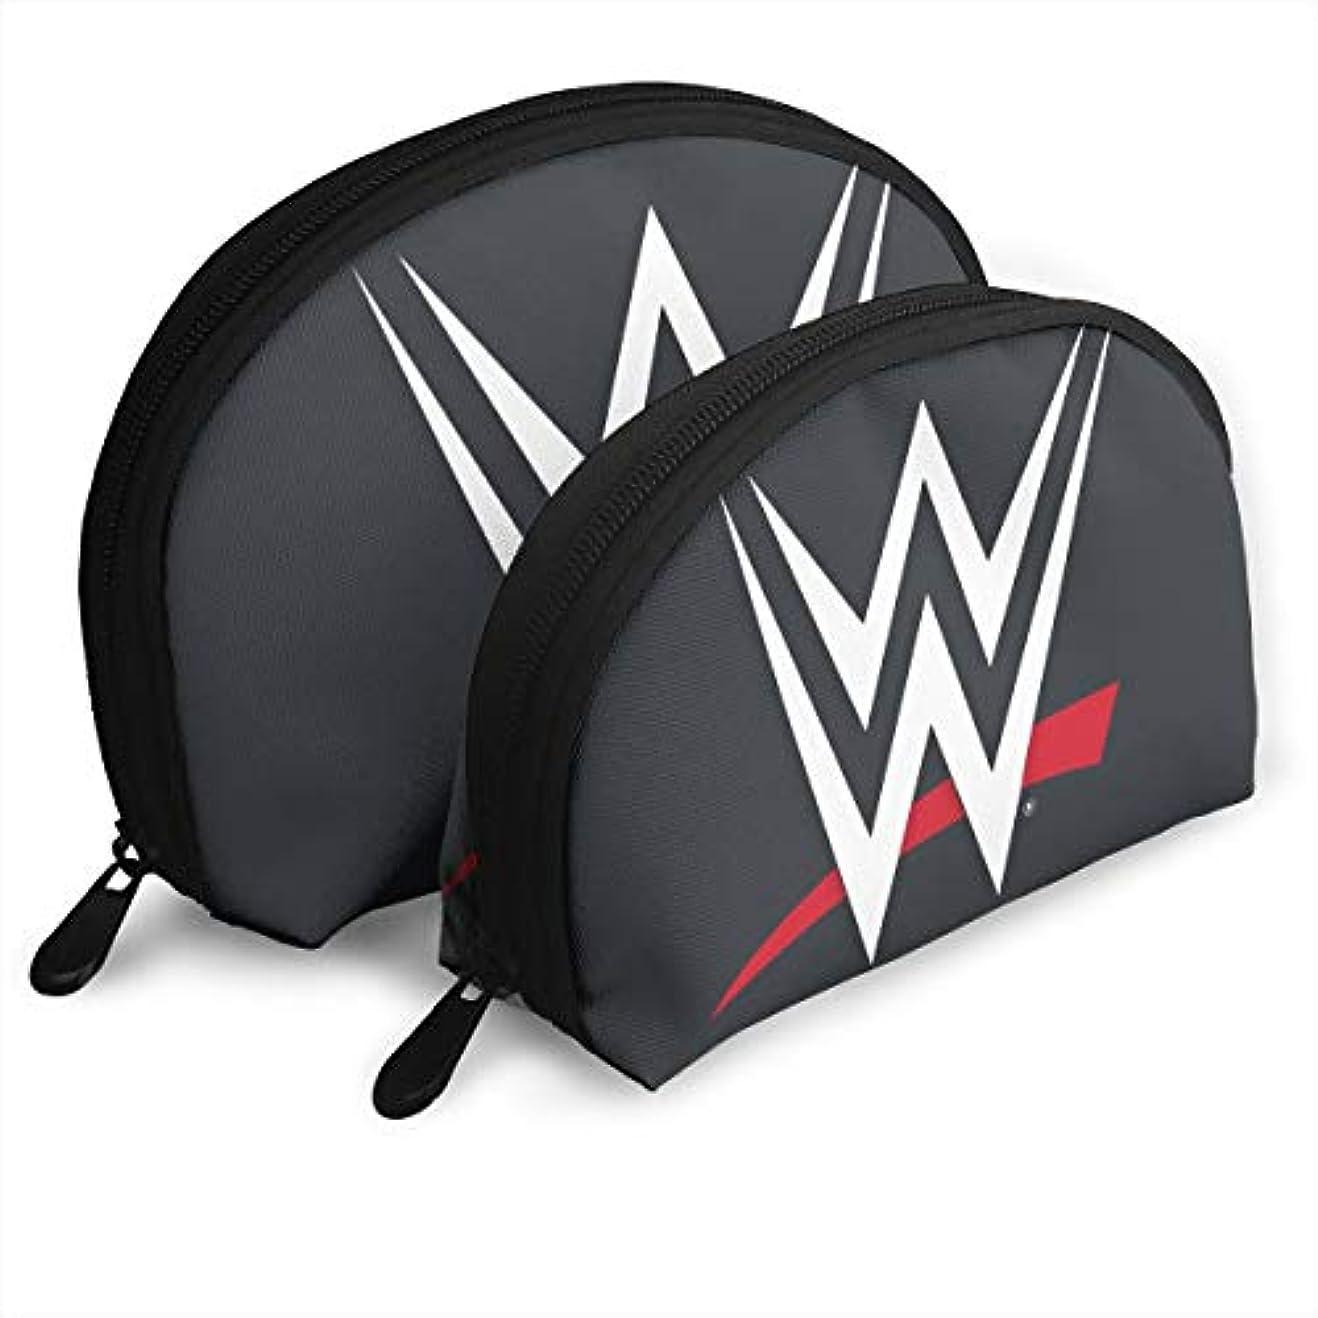 お父さん進化する矛盾する収納袋 コスメ袋 貝殻型 親子ポーチ 化粧品入れ WWE ロゴ 品質保証 軽い 大容量 普段使い 旅行 温泉 機能的 贈り物